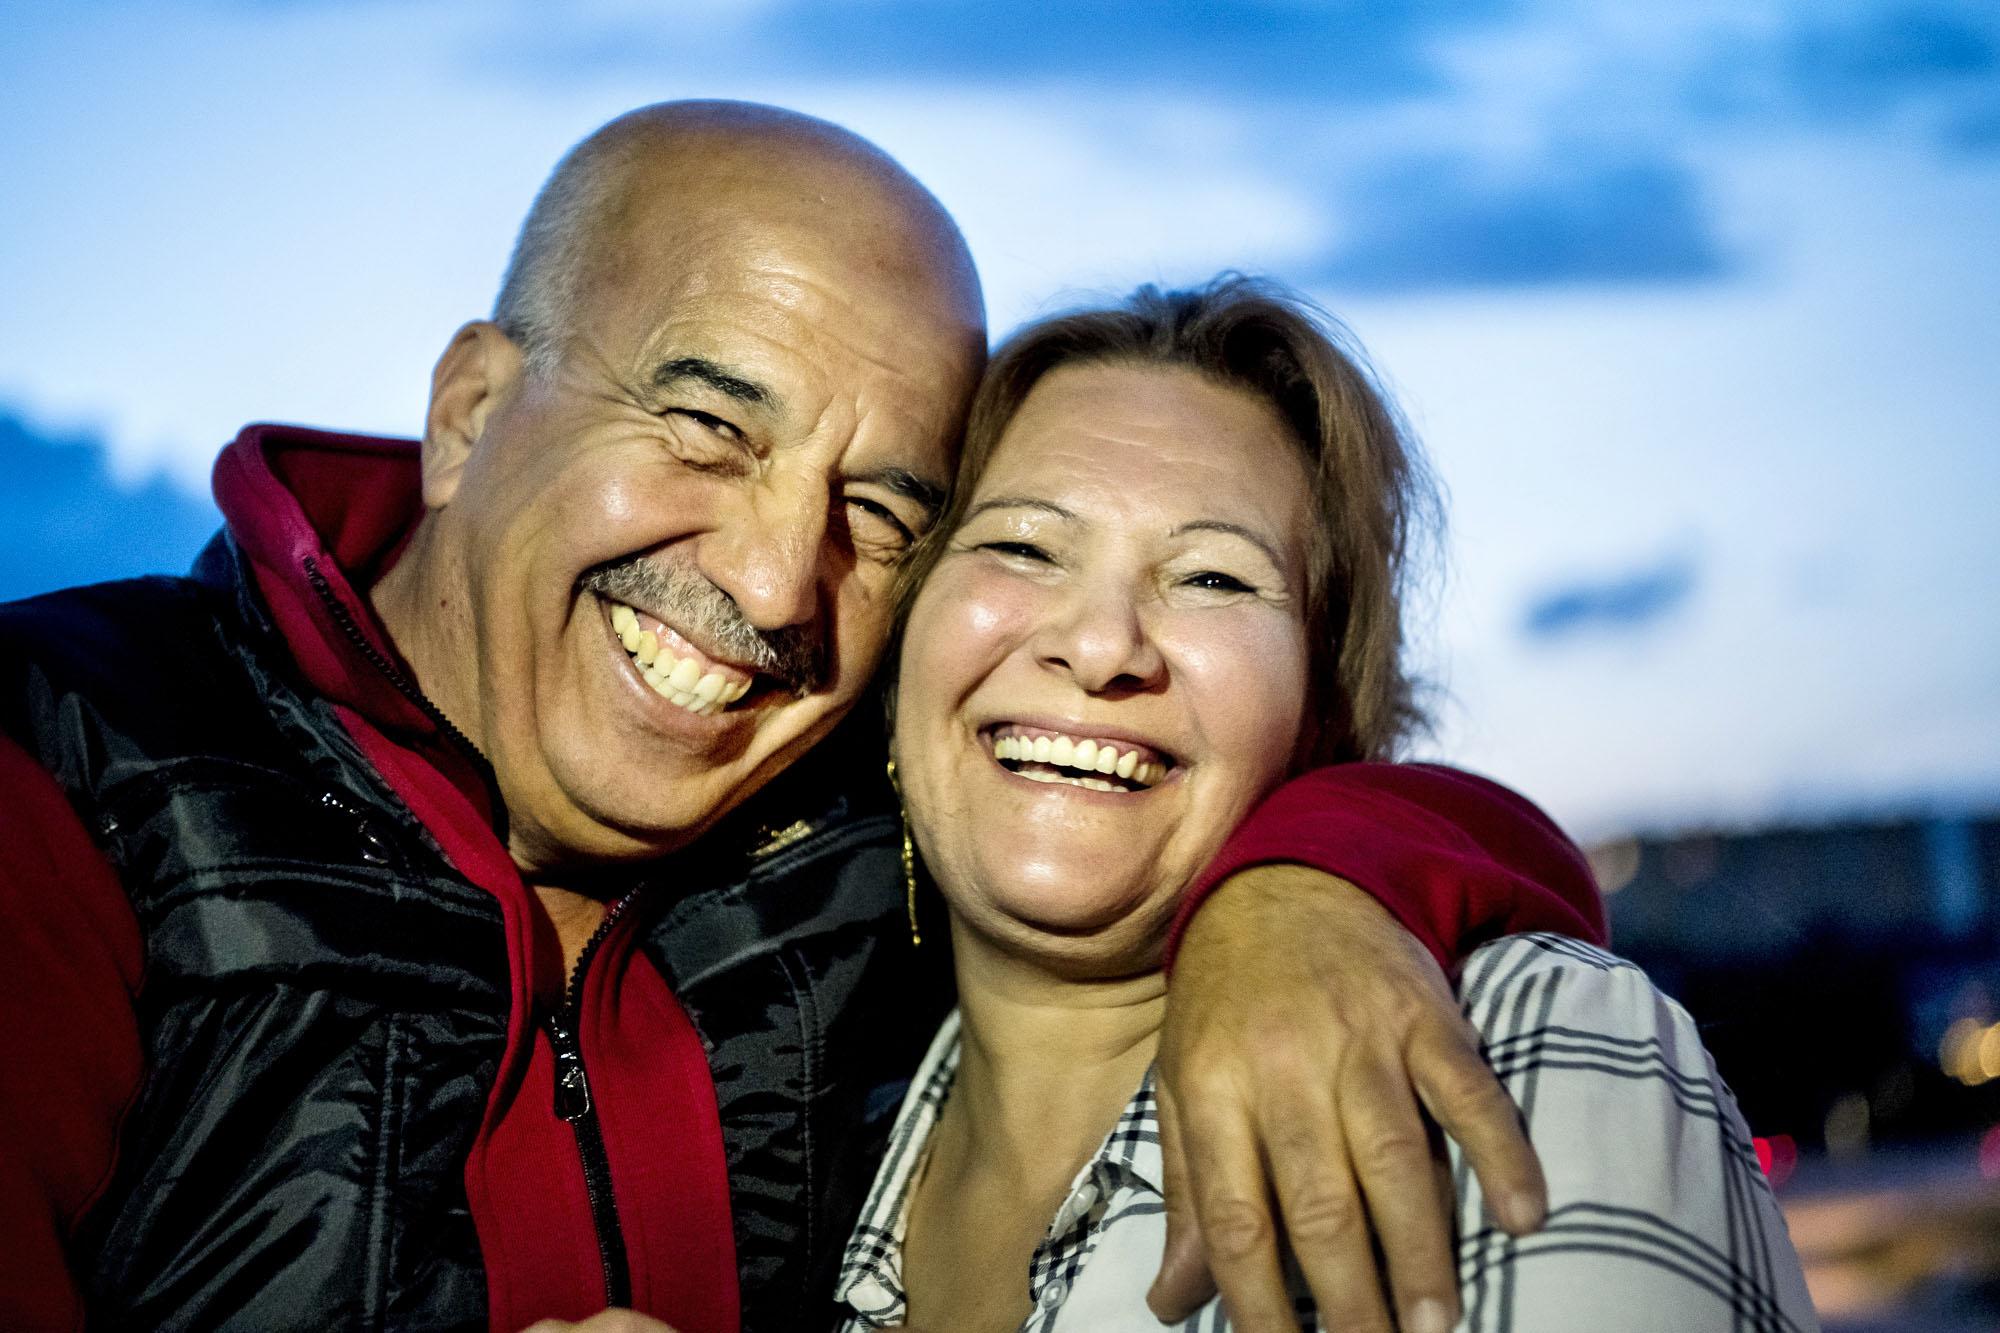 Kamilia och Hussein. Bild: Alexander Mahmoud.